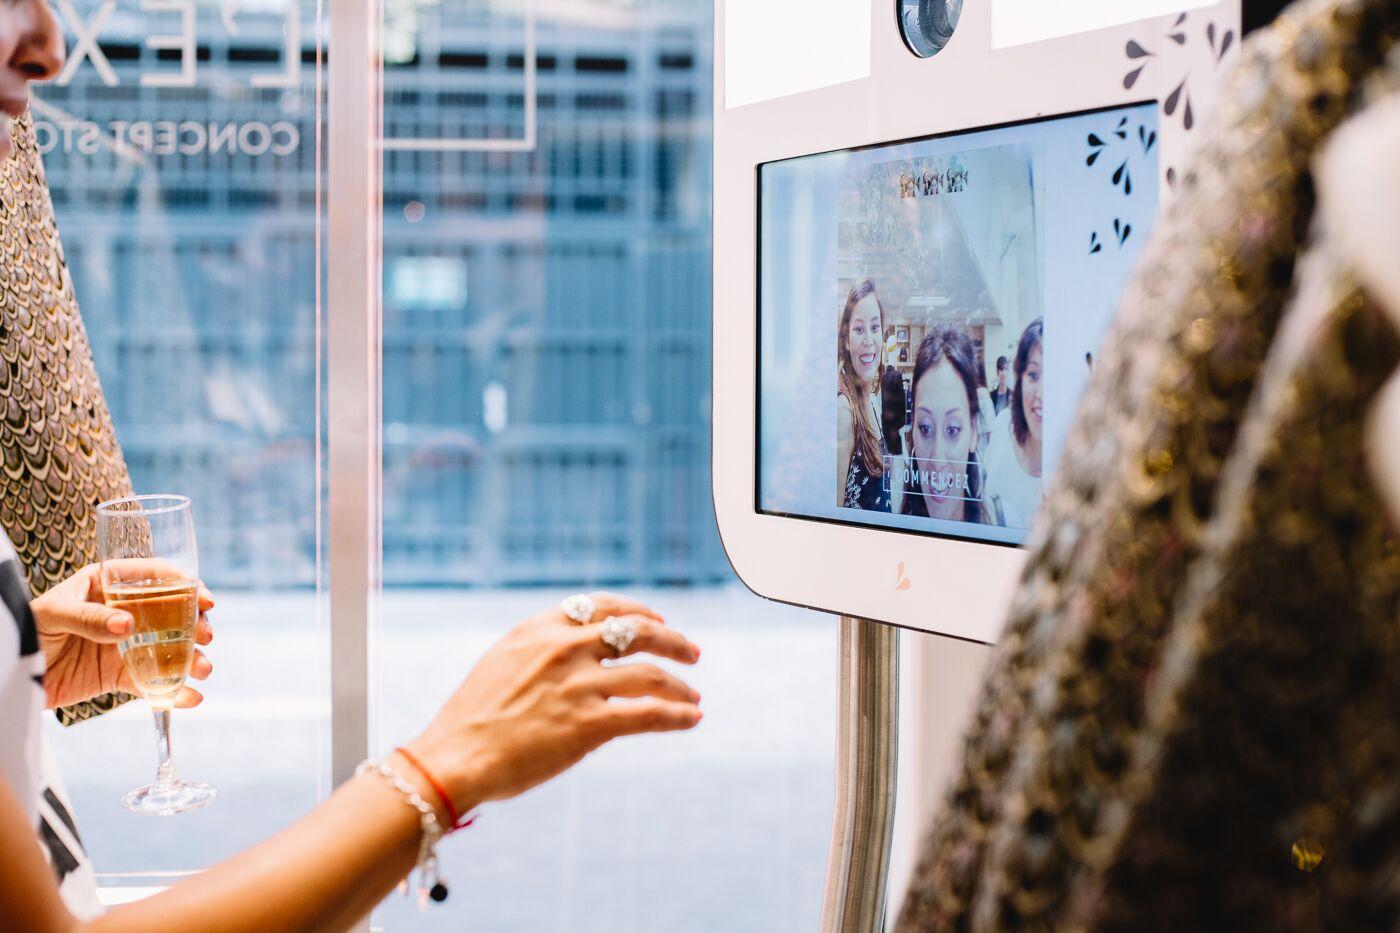 Des femmes devant un écran à moteur de recherche vocal au magasin L'Exception.jpg